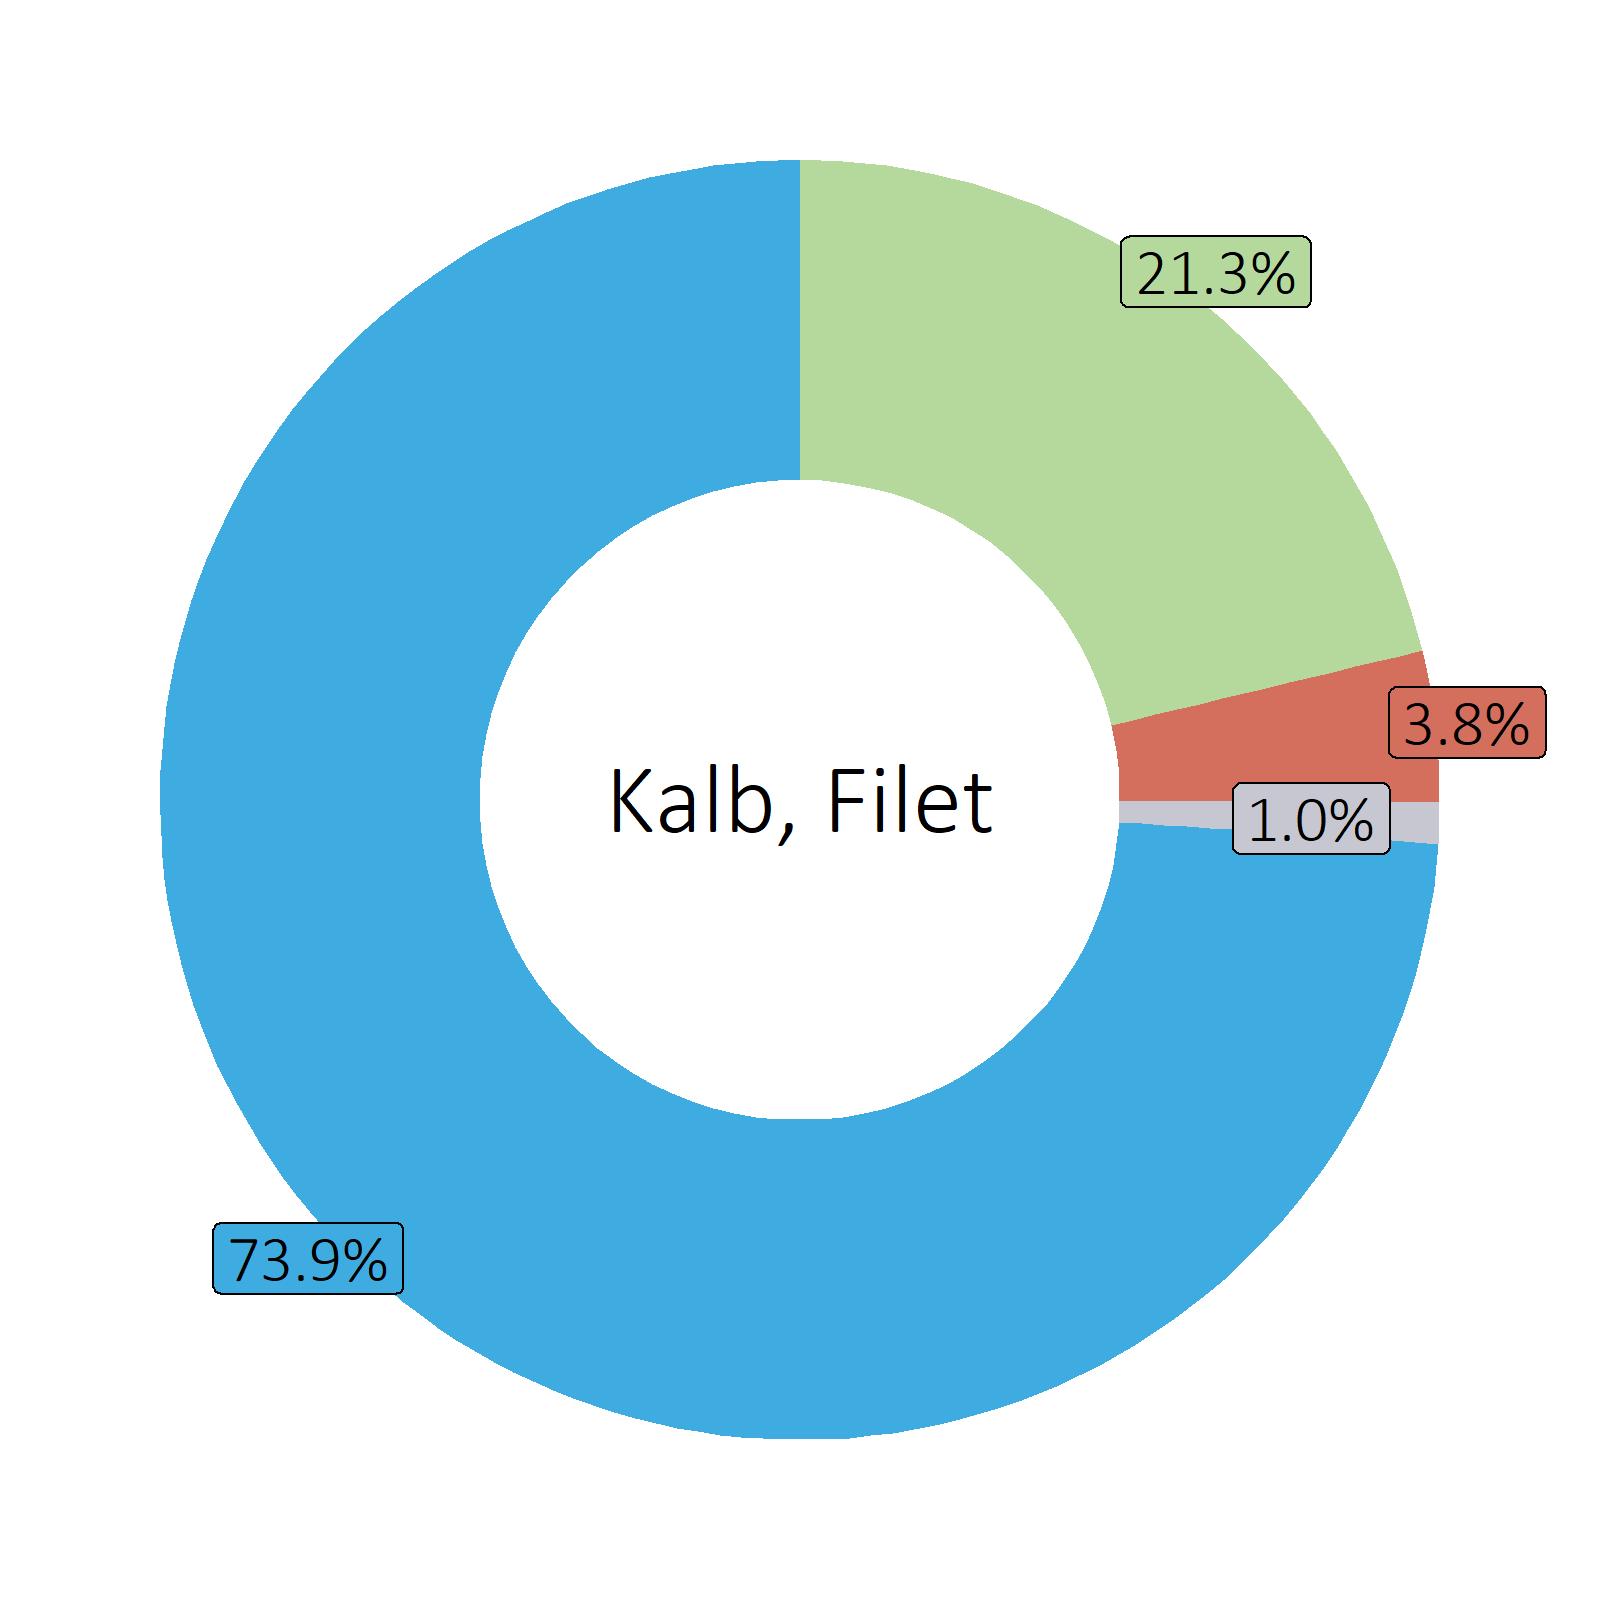 Bestandteile Kalb, Filet